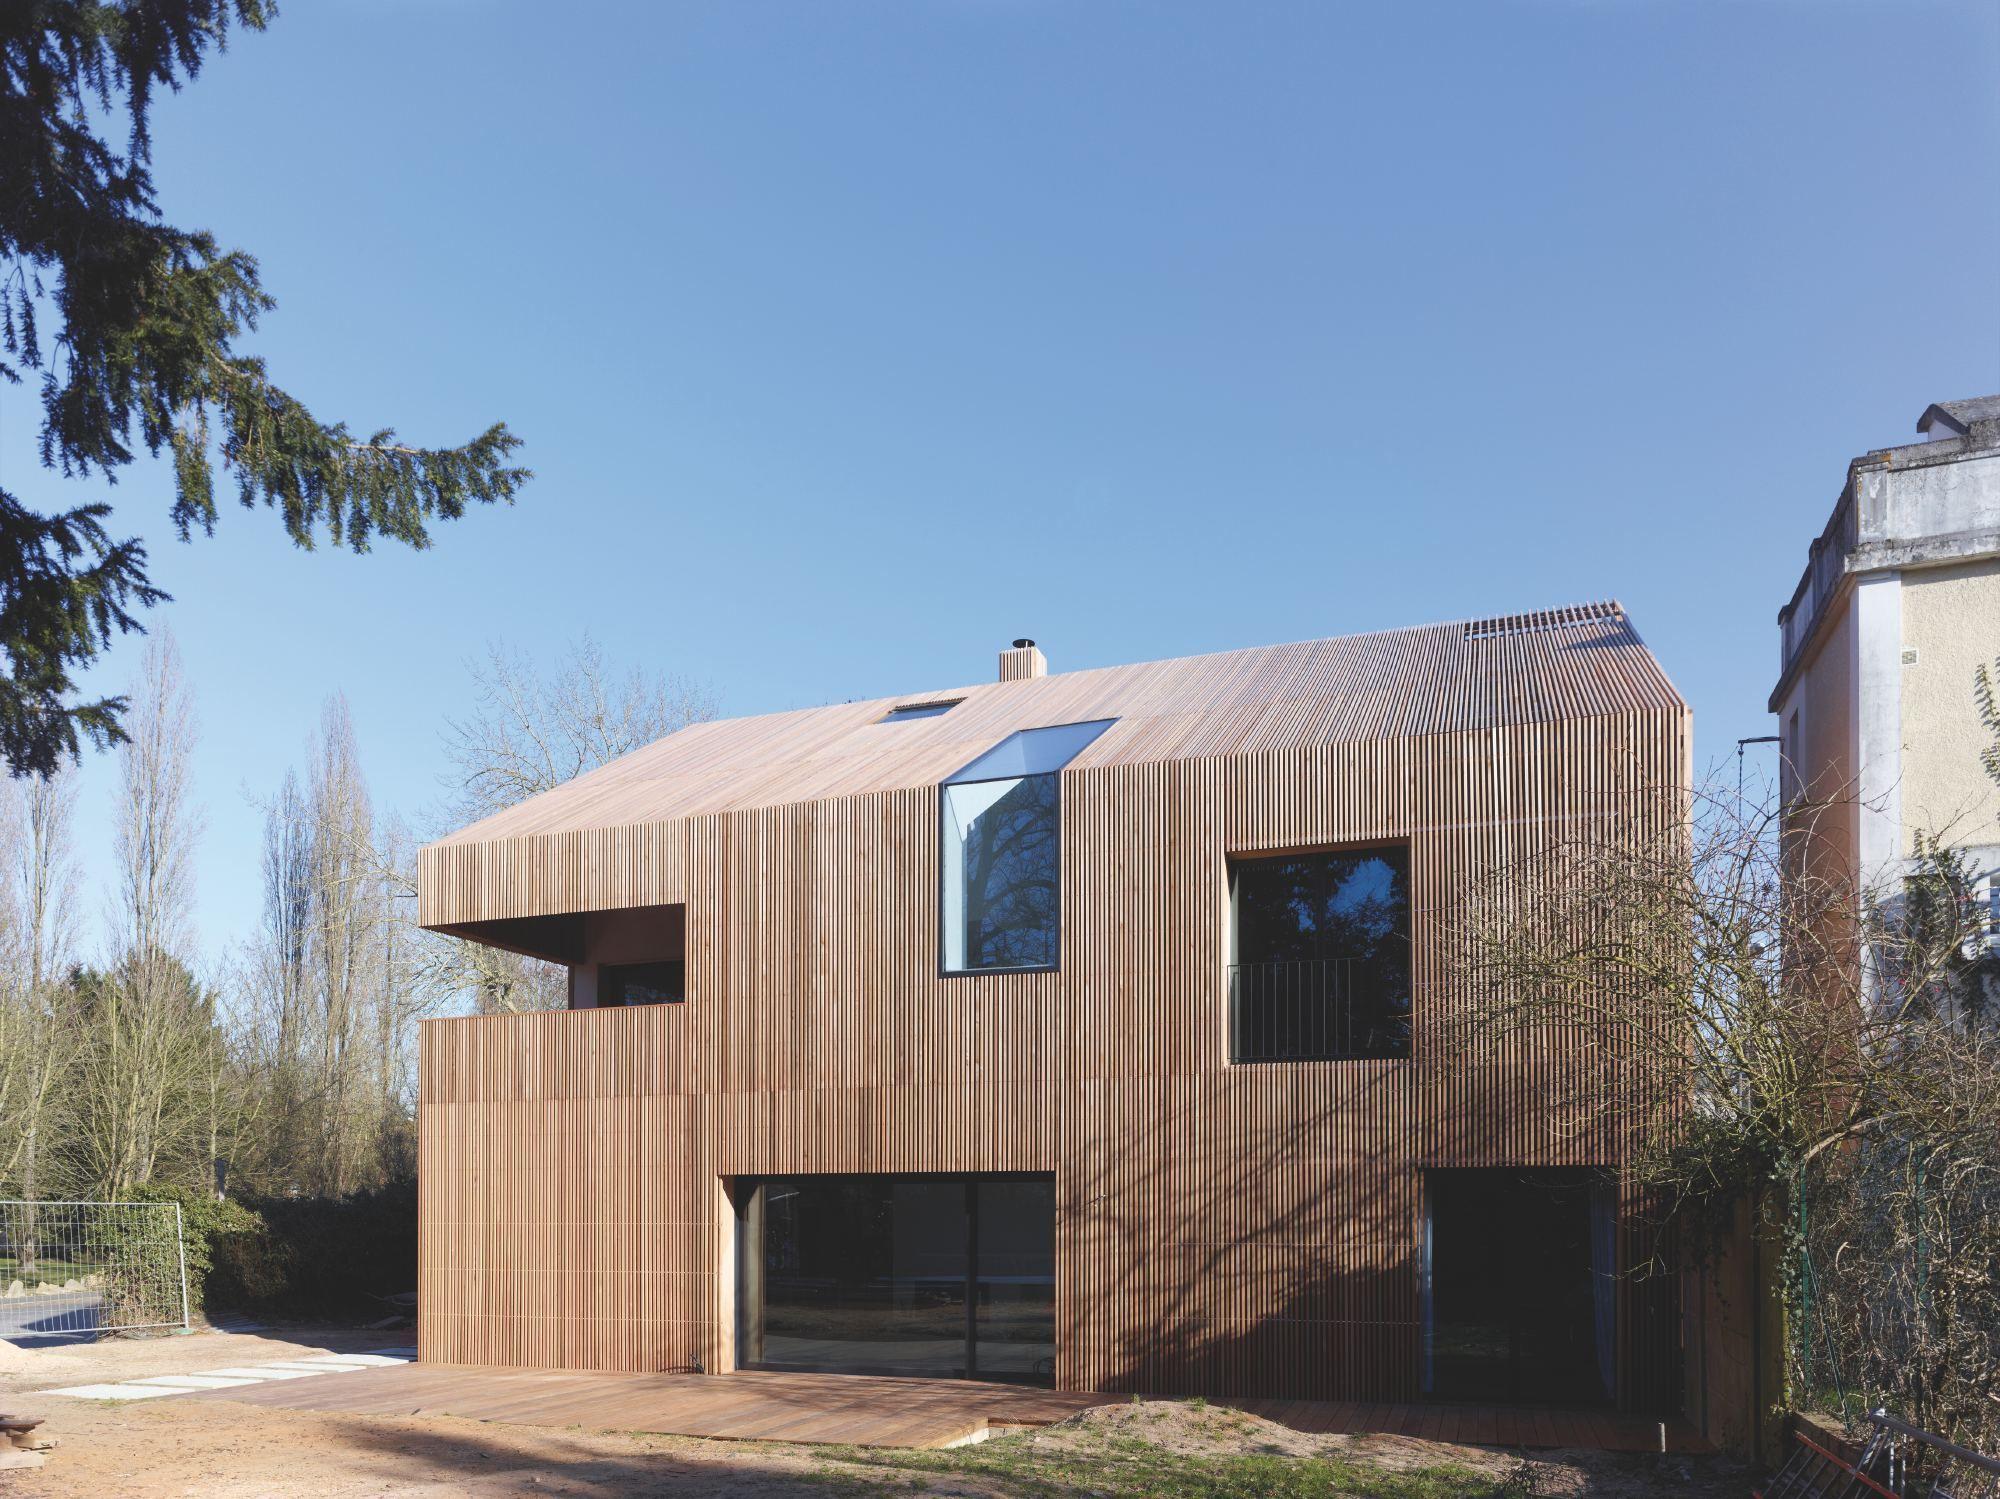 Wohnen in der Landschaft: Kleinode aus Frankreich - Prix Archinovo verliehen #arquitectonico